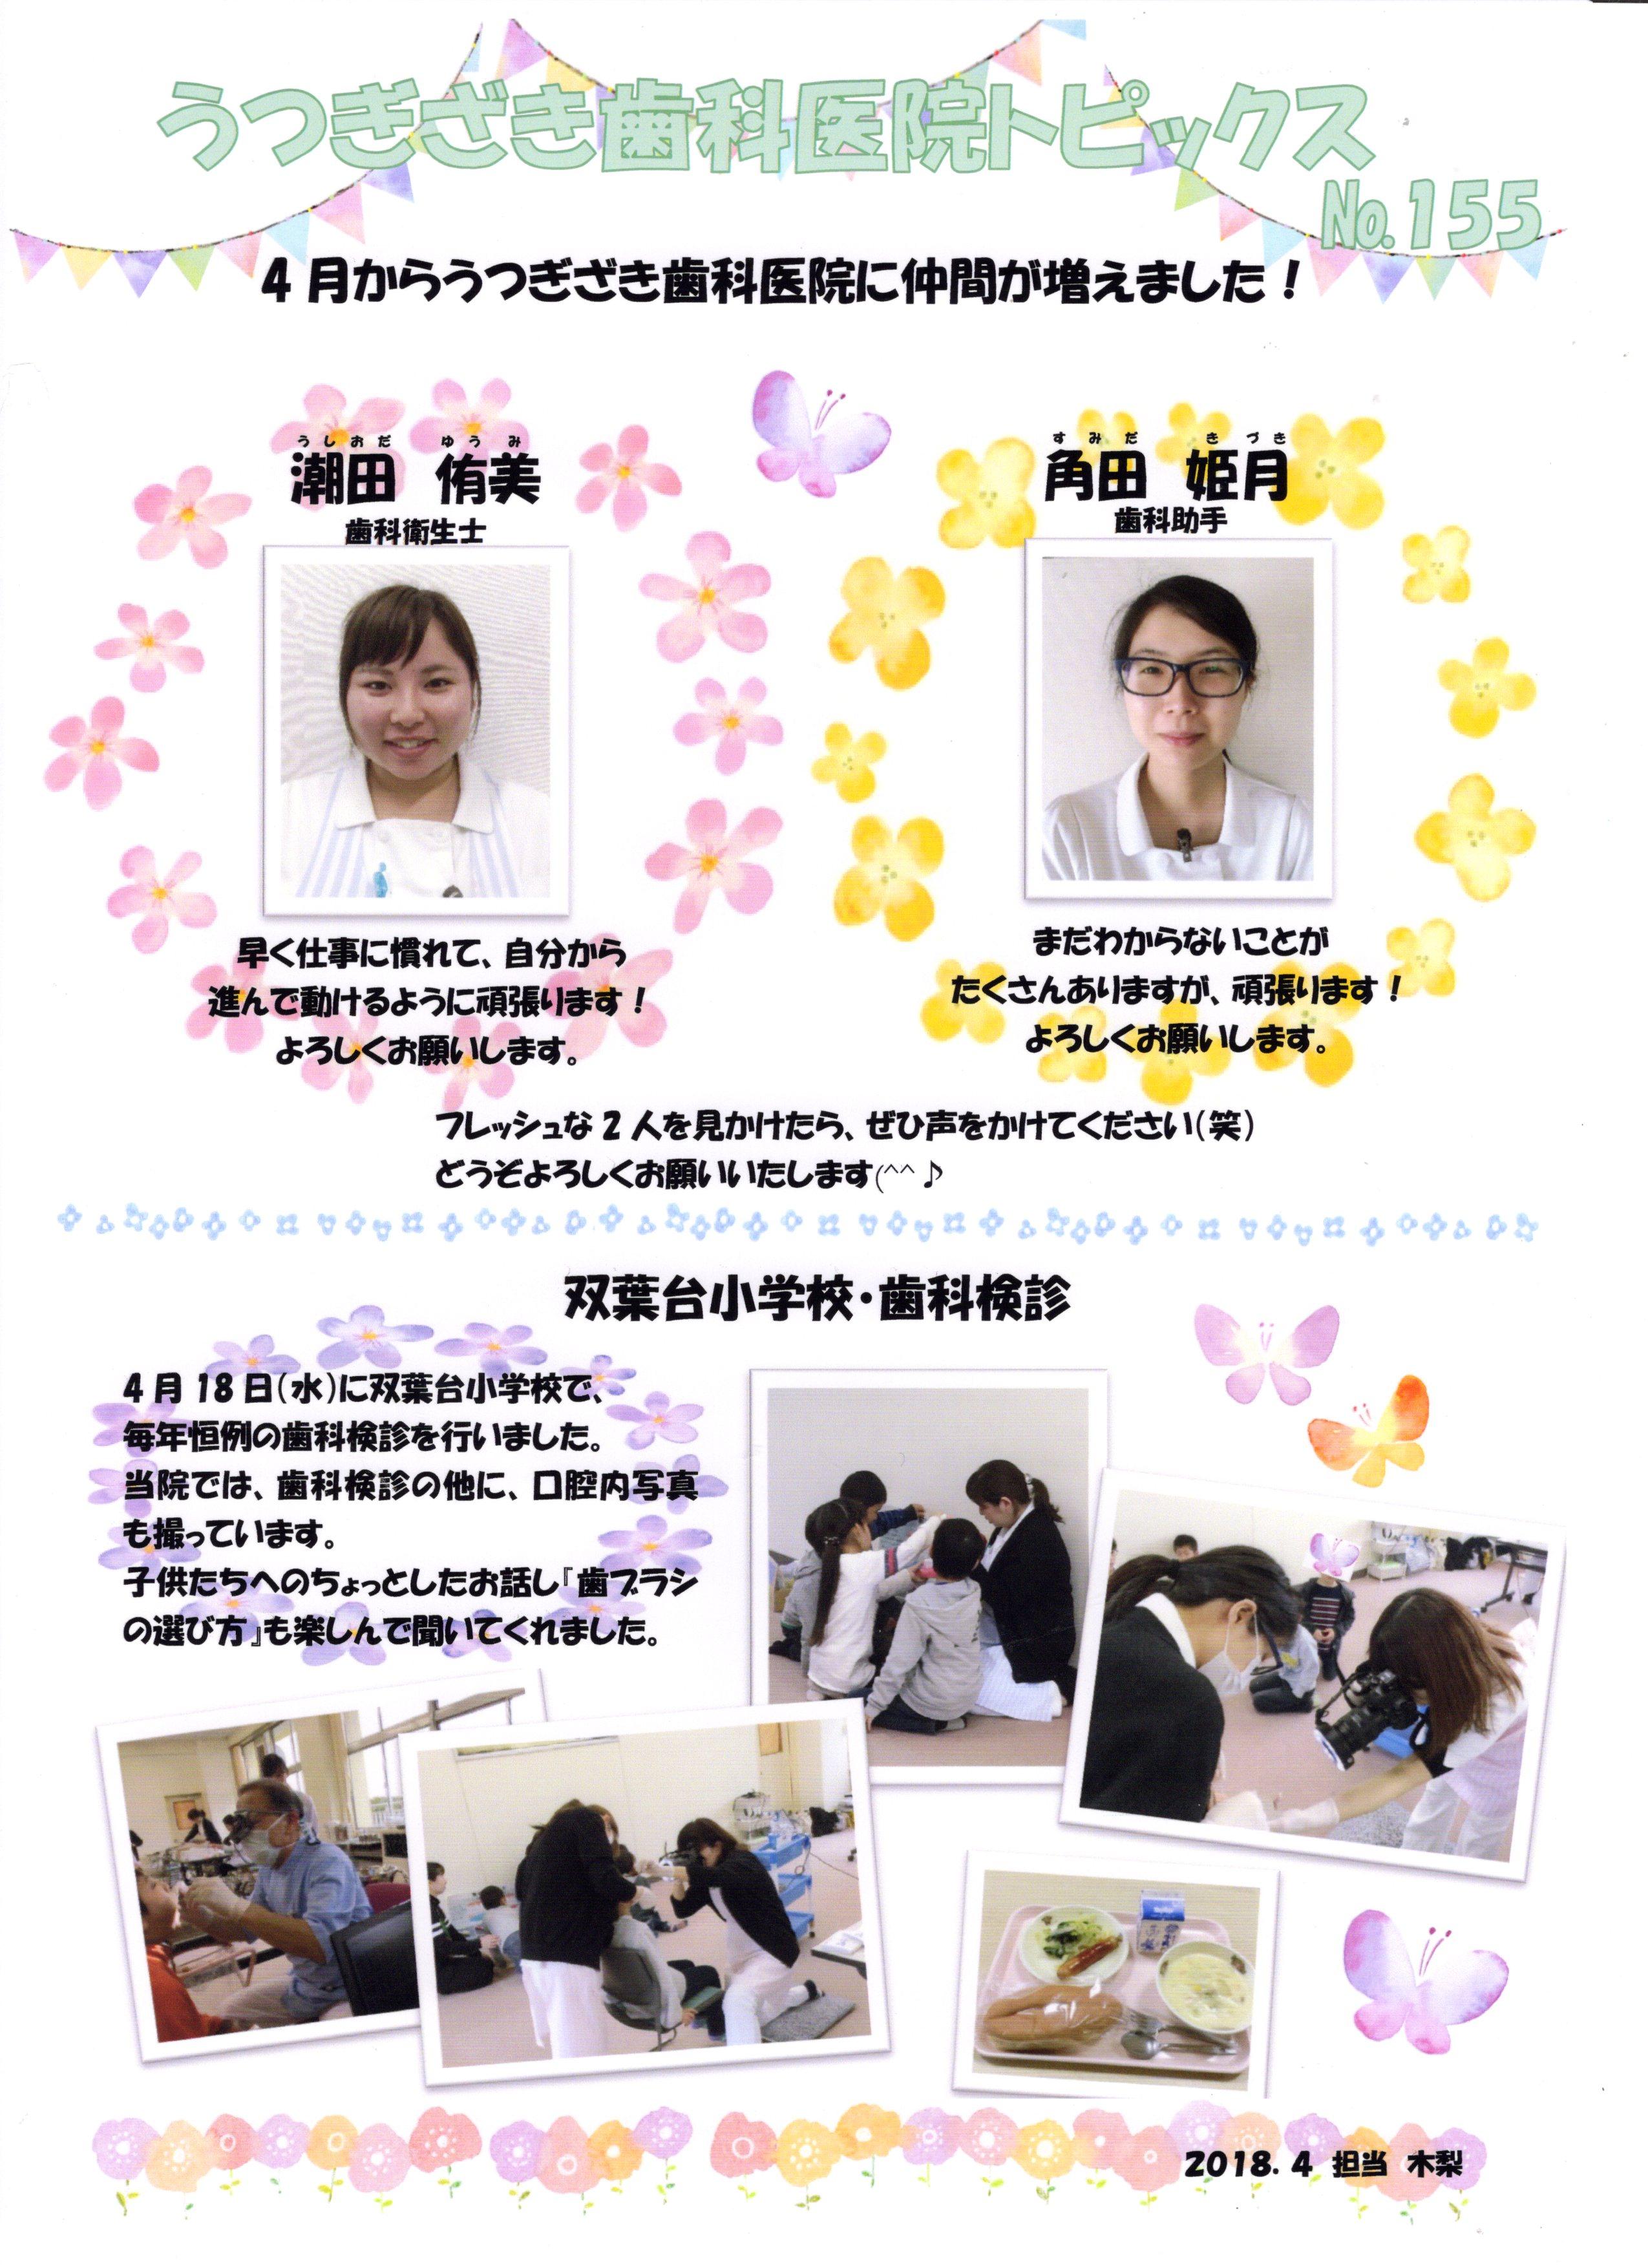 うつぎざき歯科医院トピックスNO.155